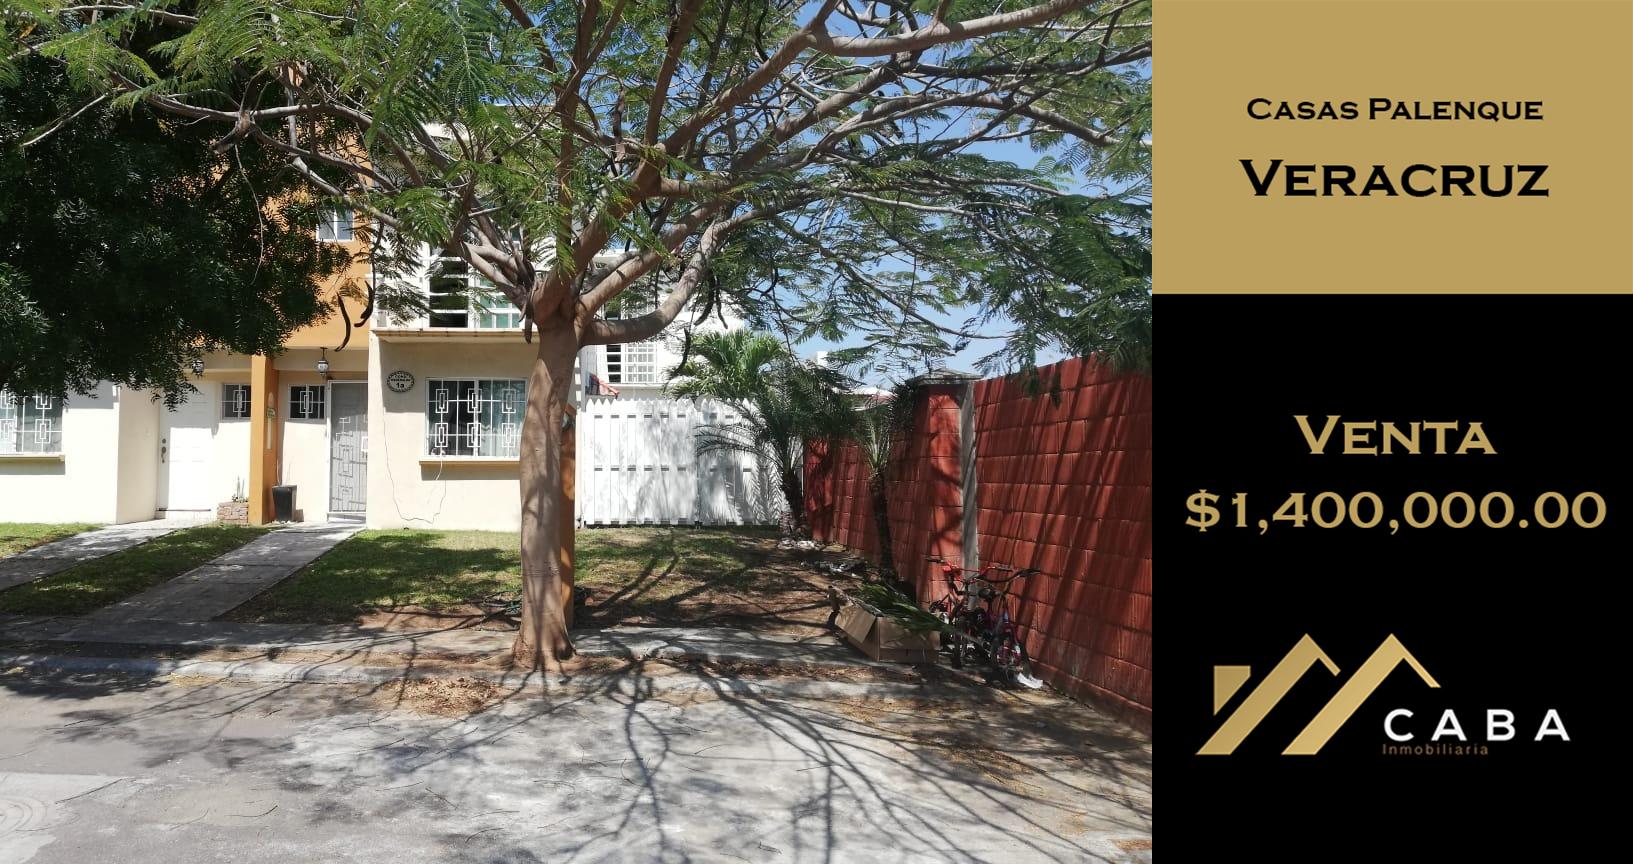 Casa en Venta en Casas Palenque, Ver.